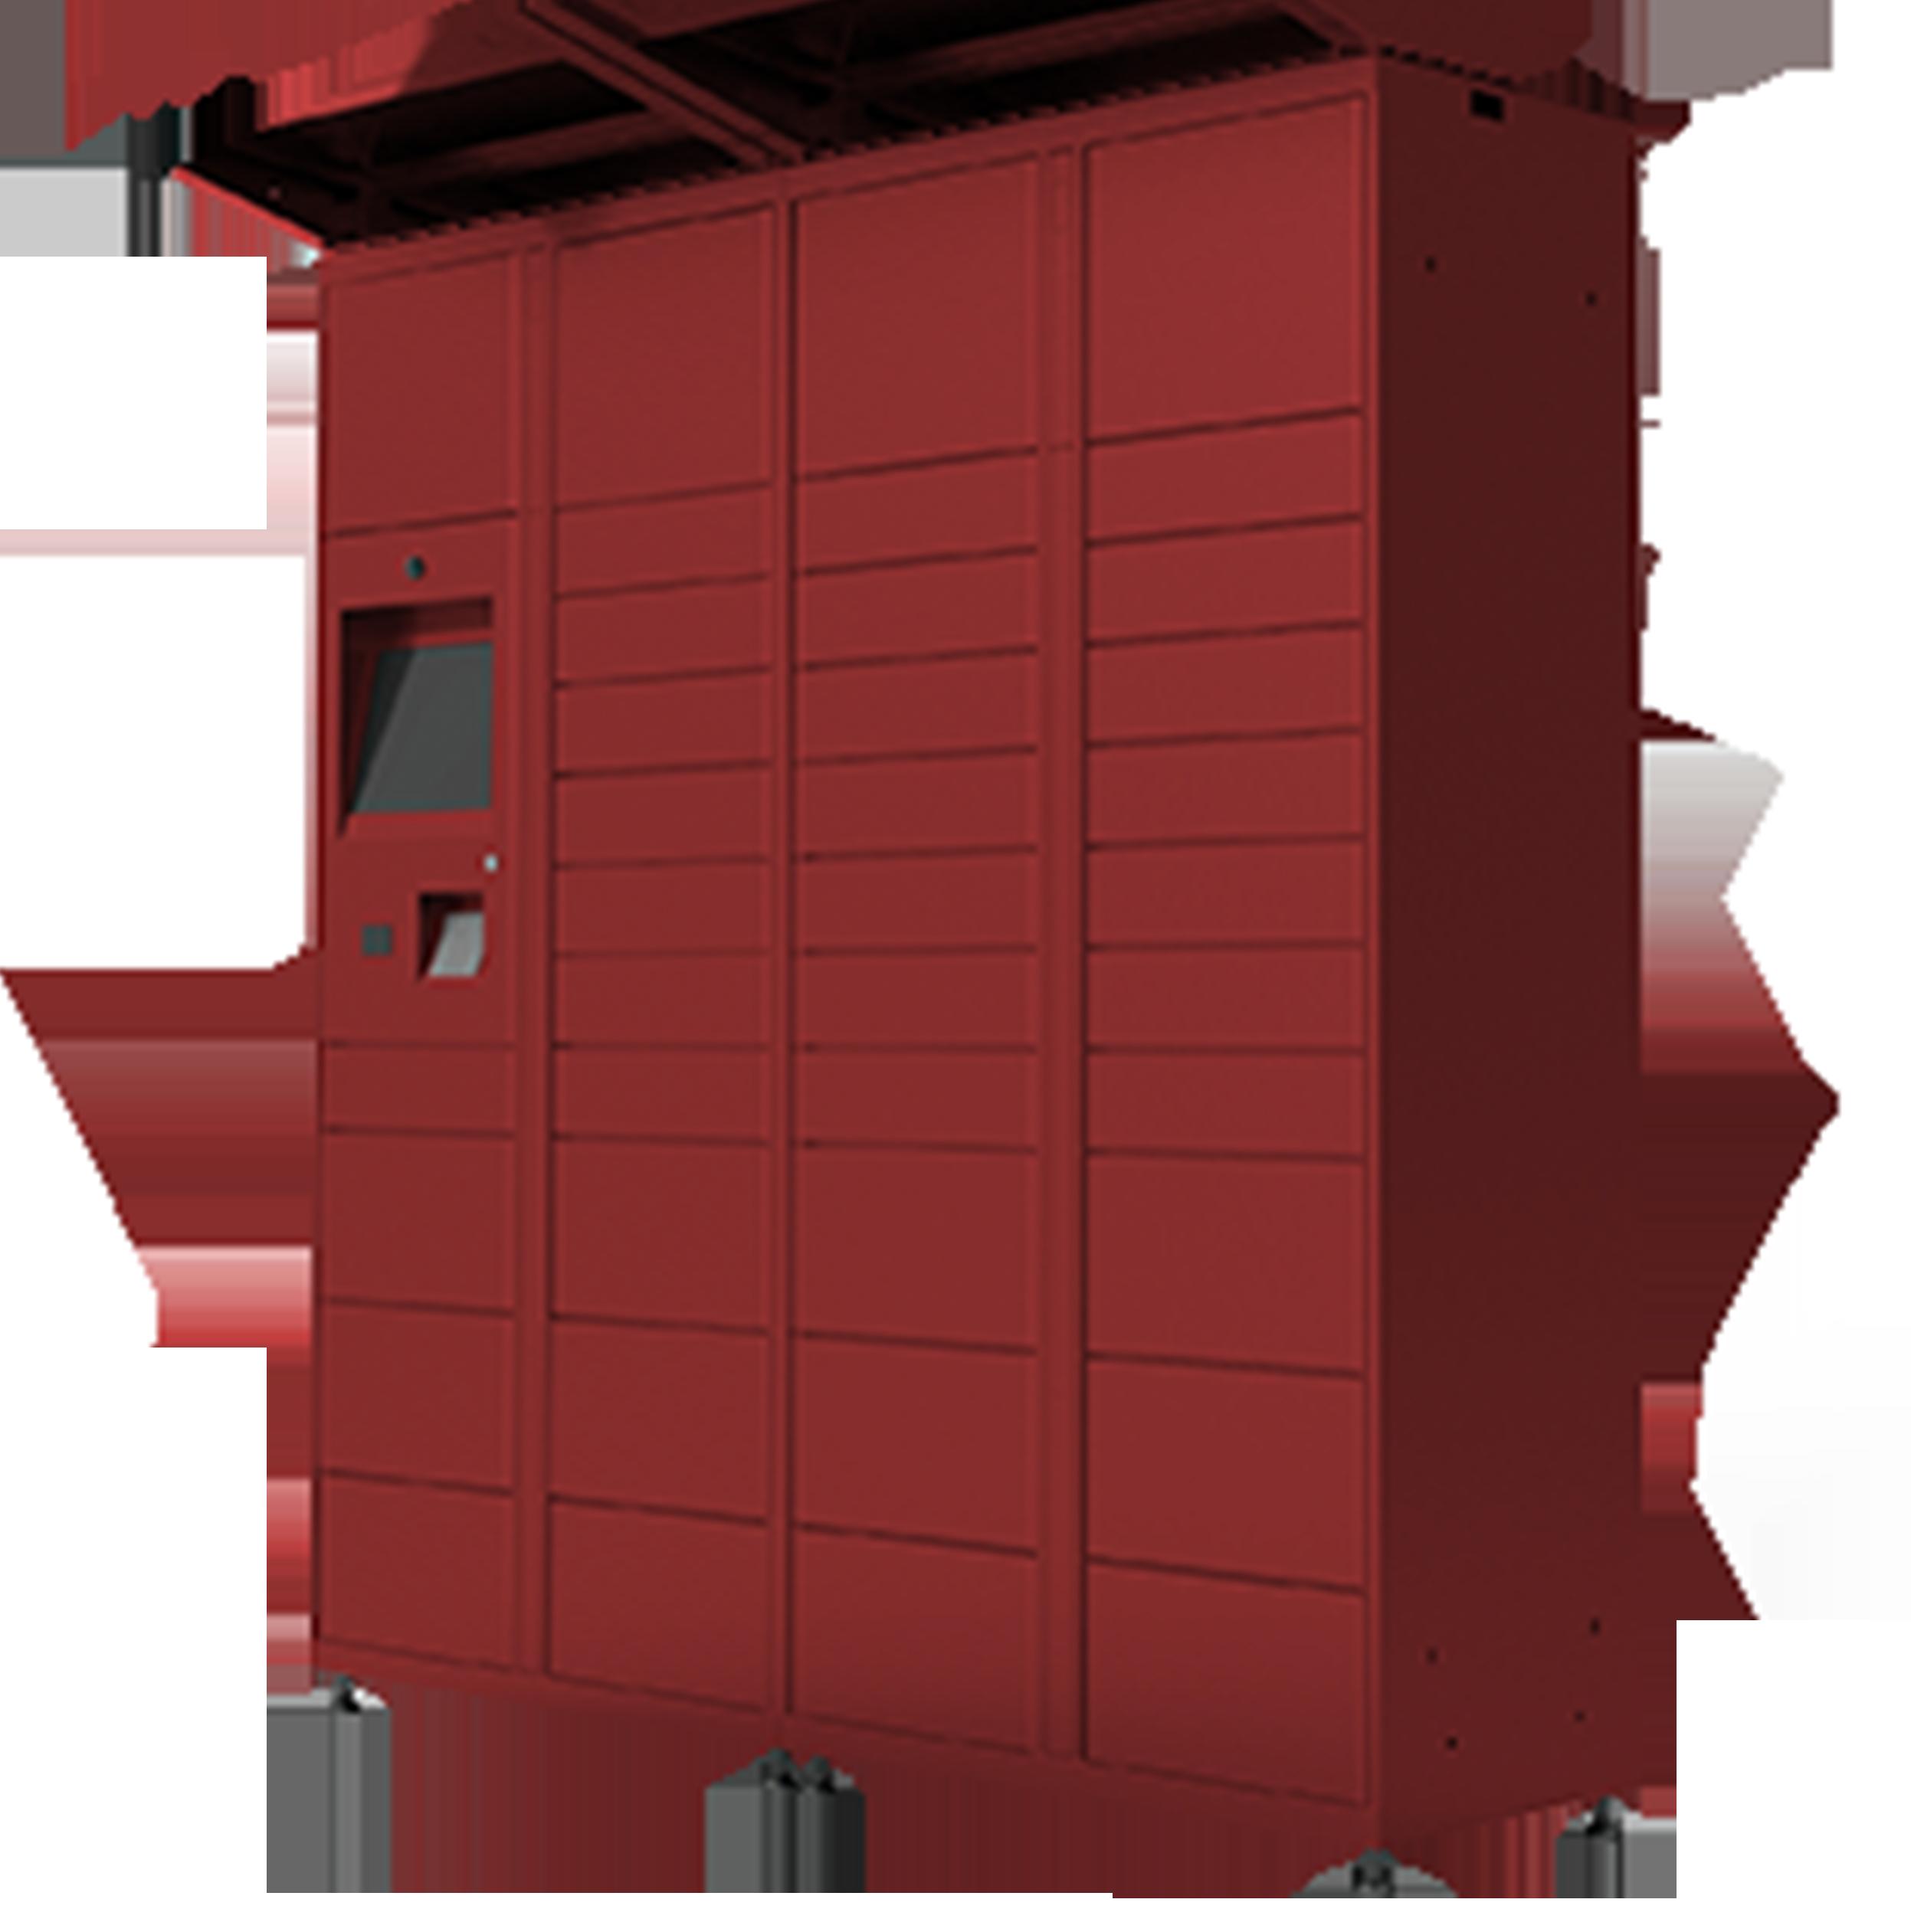 Indoor-Locker-Image-1-new